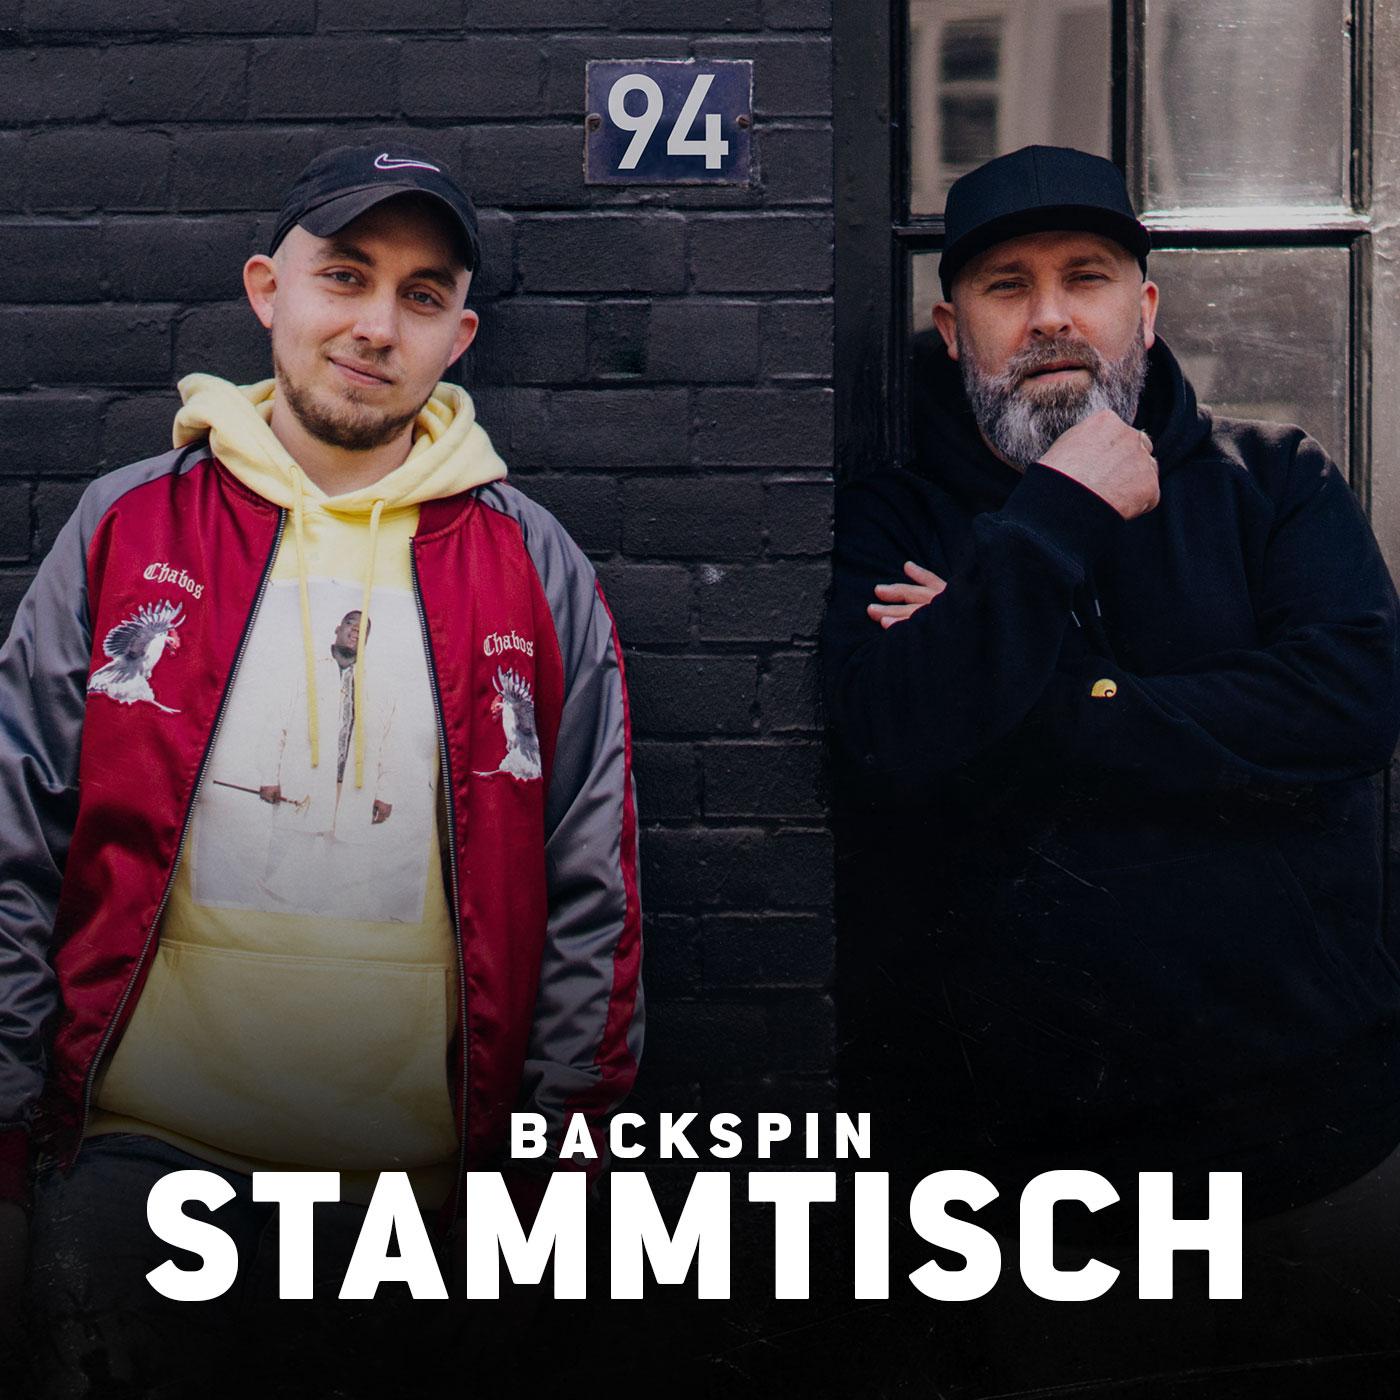 #262 - Maeckes und Ahzumjot zu Gast: Was müssen Rapper:innen heutzutage alles leisten? | Stammtisch